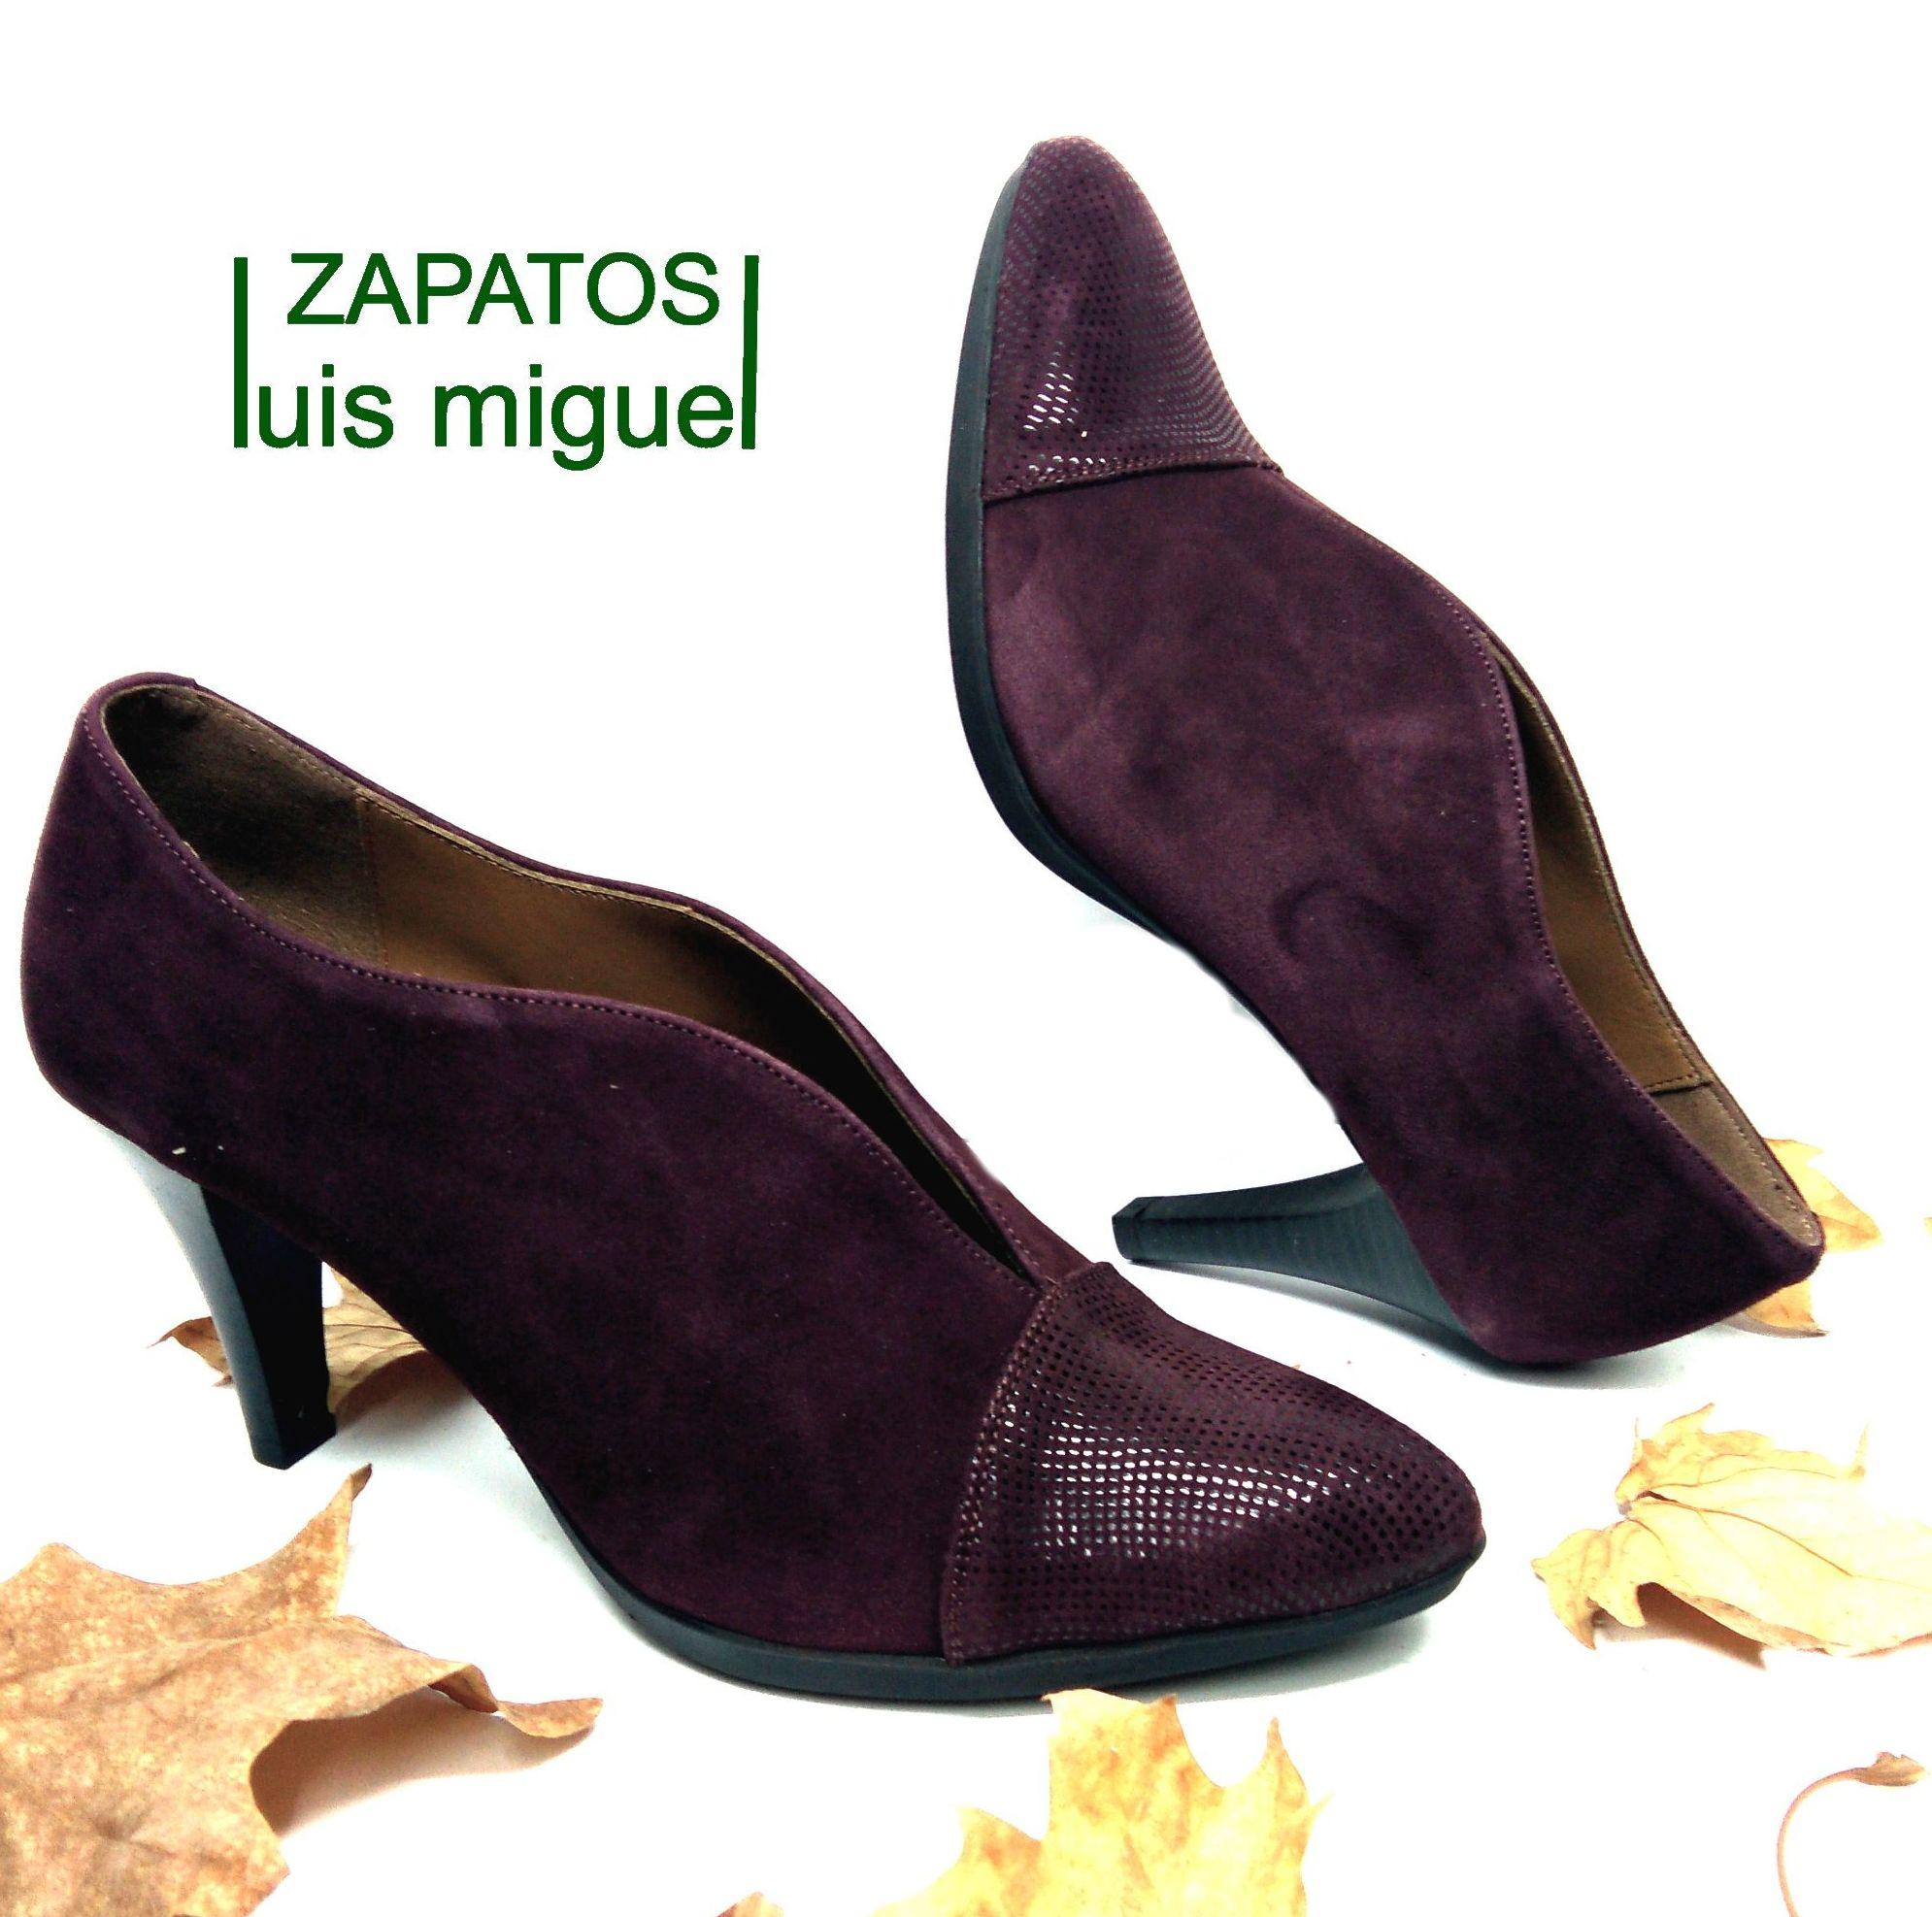 salon frances : Catalogo de productos de Zapatos Luis Miguel